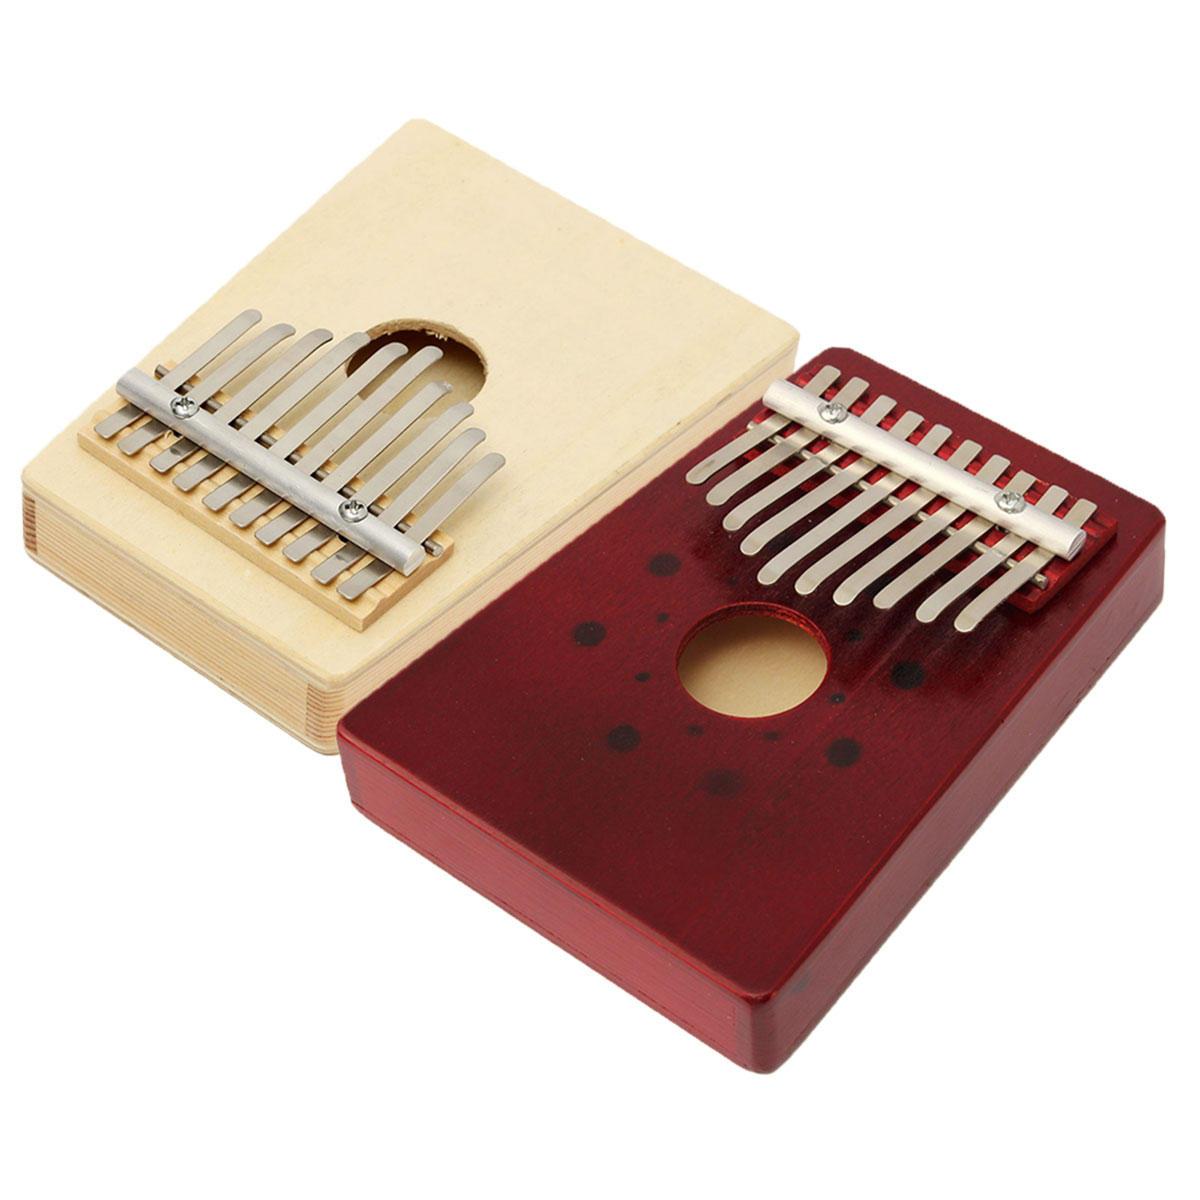 10 percussioni di percussioni per pianoforte a pedale Kalimba in legno portatile a colori tono rosso / naturale